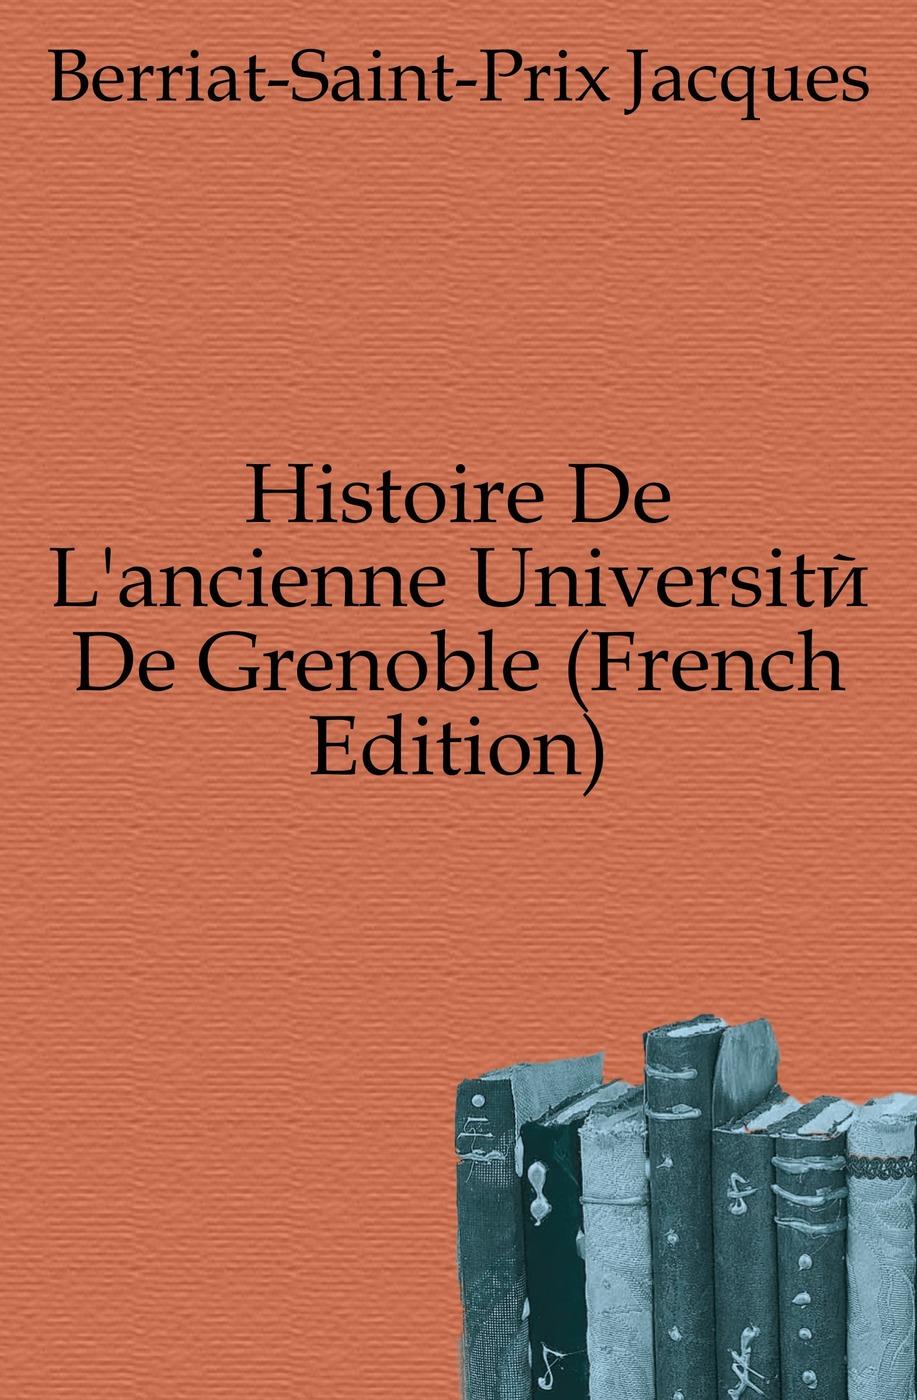 Berriat-Saint-Prix Jacques Histoire De L'ancienne Universite De Grenoble (French Edition) gaius secundus histoire de l agriculture ancienne